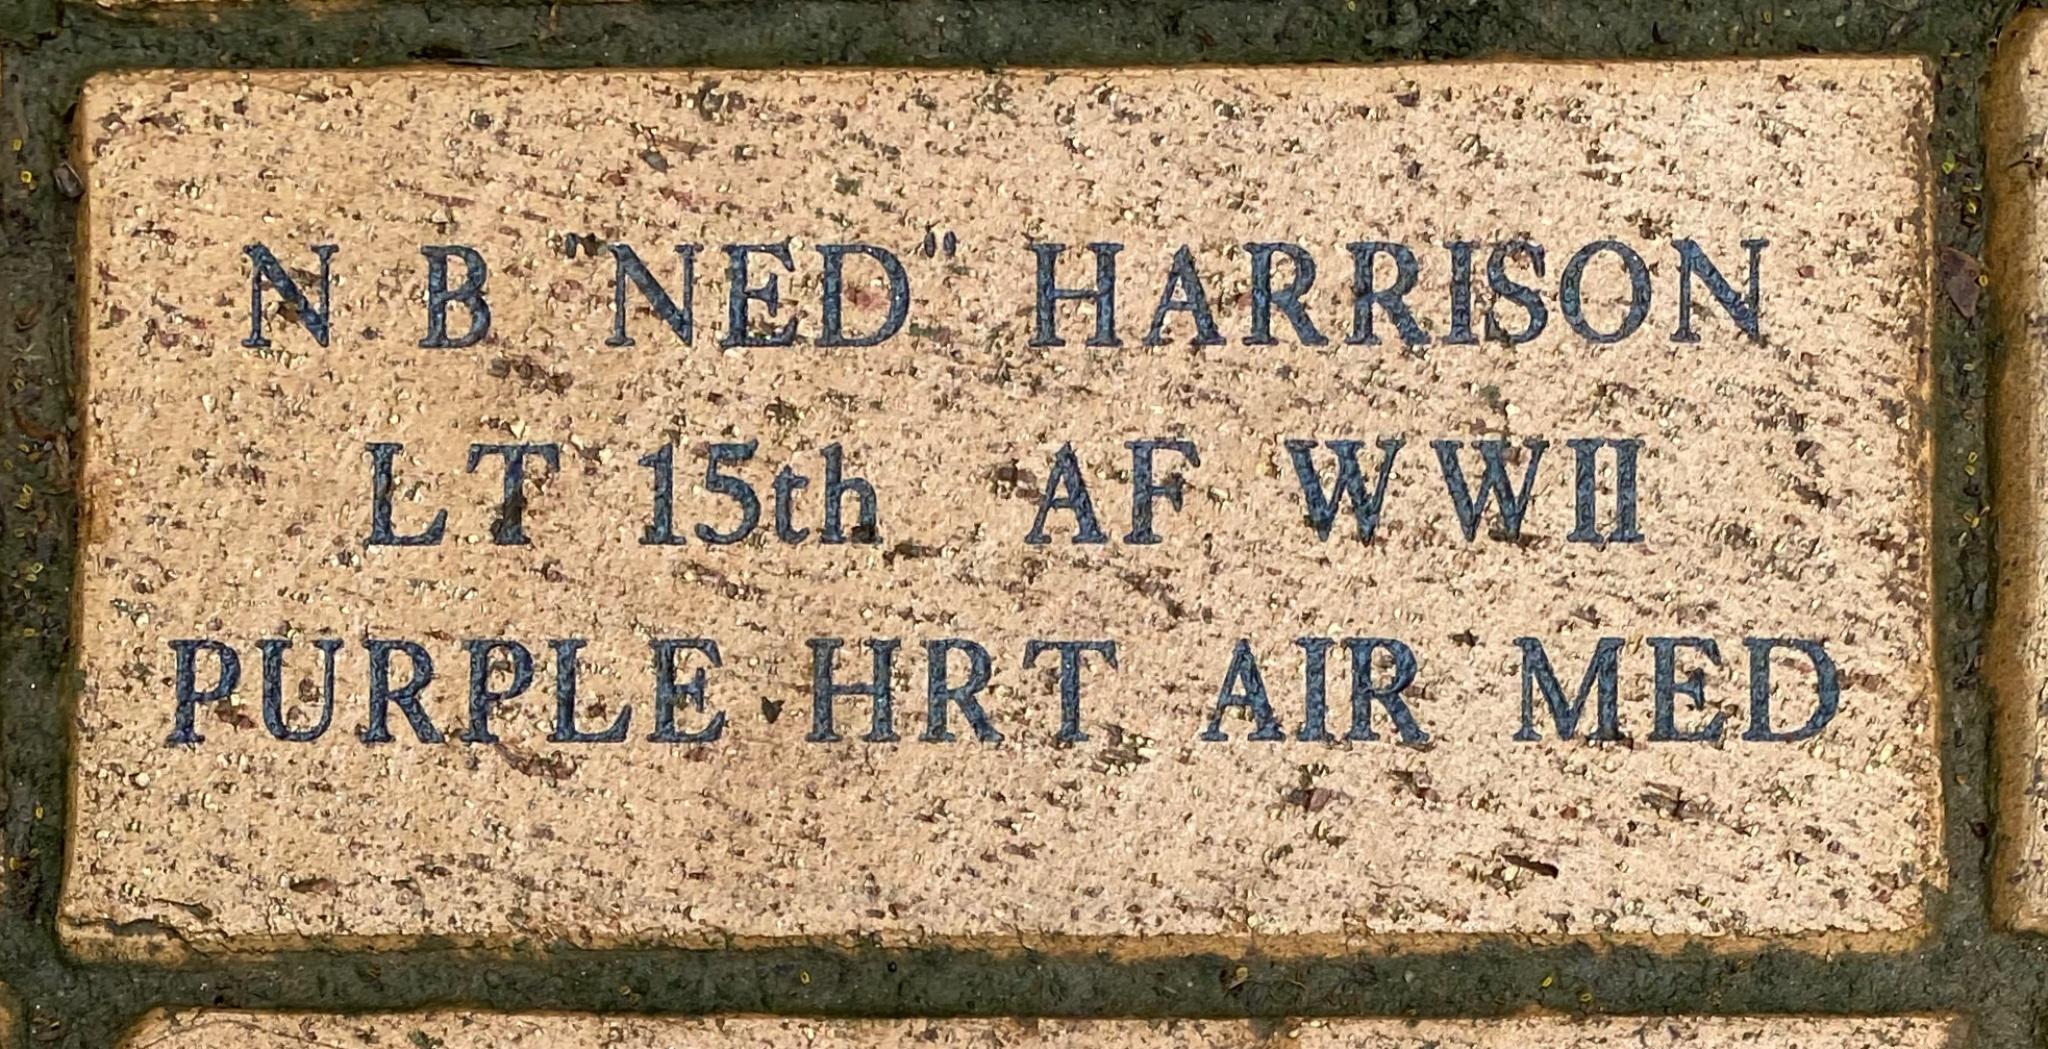 """N B """"NED"""" HARRISON LT 15th AF WWII PURUPLE HRT AIR MED"""